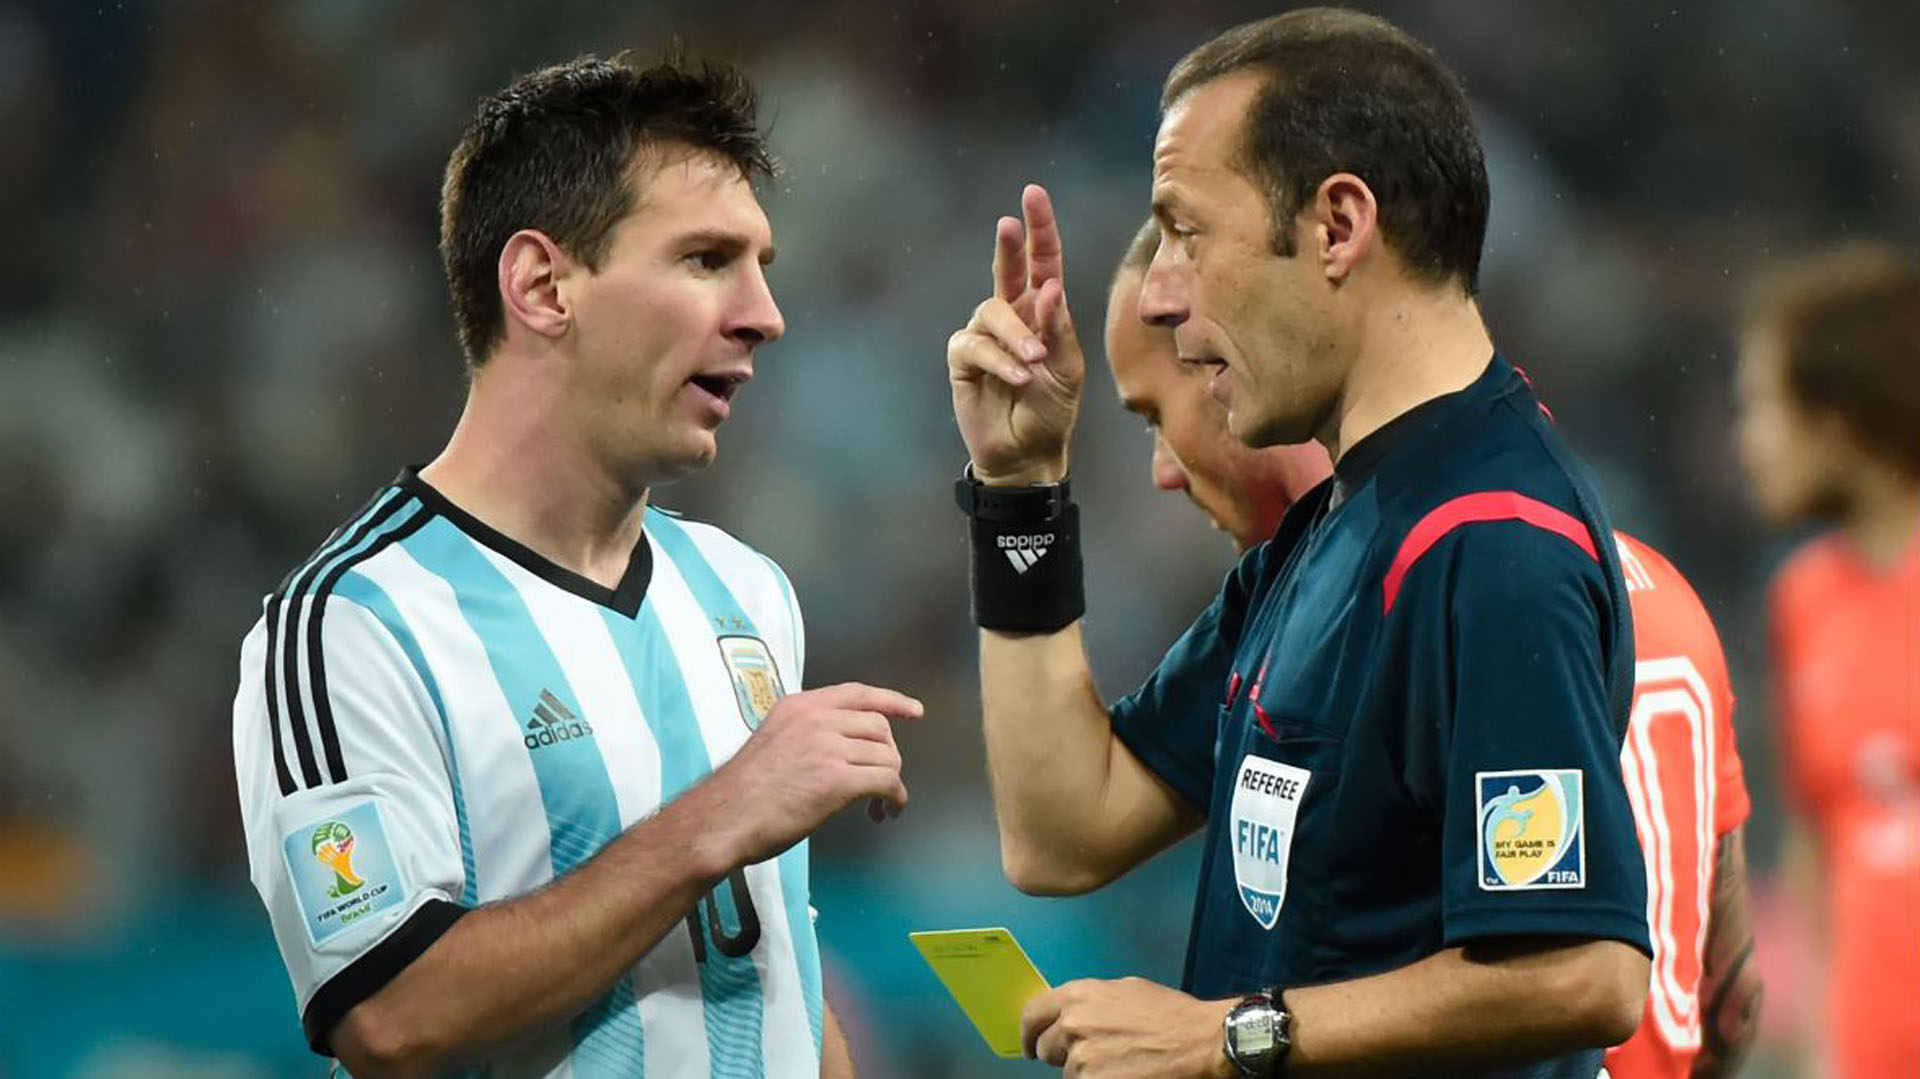 Cuneyt Cakir ya dirigió a la Selección Argentina en el Mundial Brasil 2014